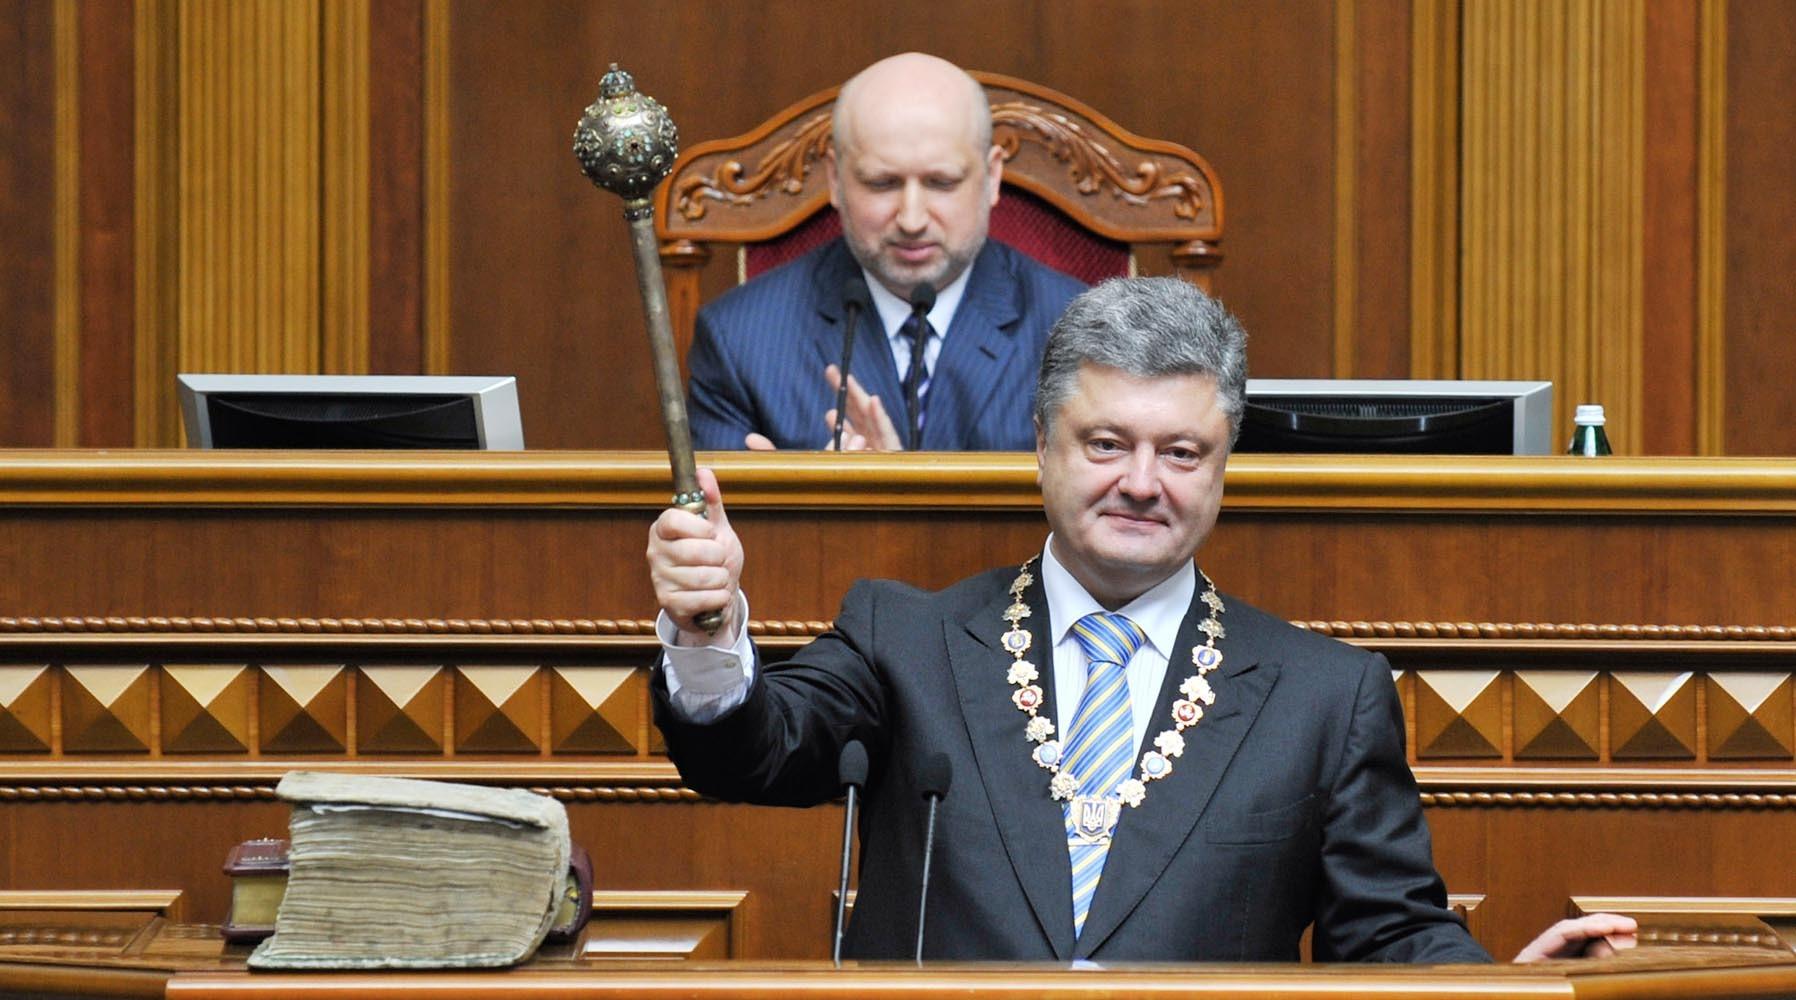 «Повышение ставок»: почему Украина готова прервать режим АТО в Донбассе и ввести военное положение